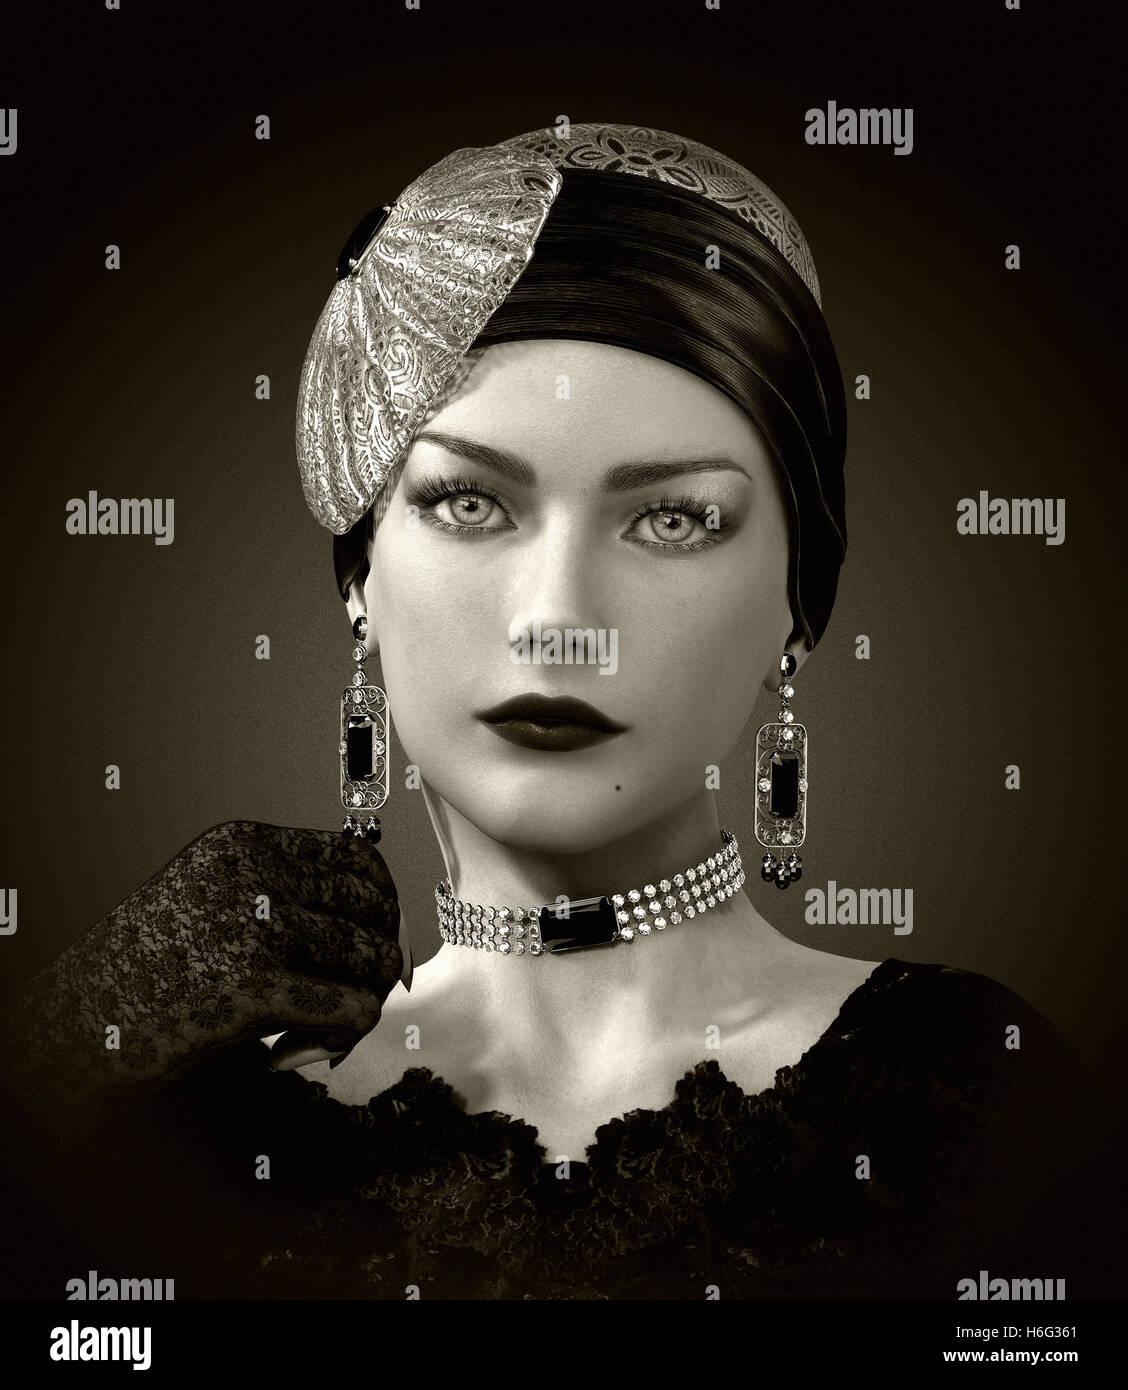 Computer grafica 3d di un ritratto di una giovane donna con elegante coperchio di testa e di gioielli in stile retrò Immagini Stock